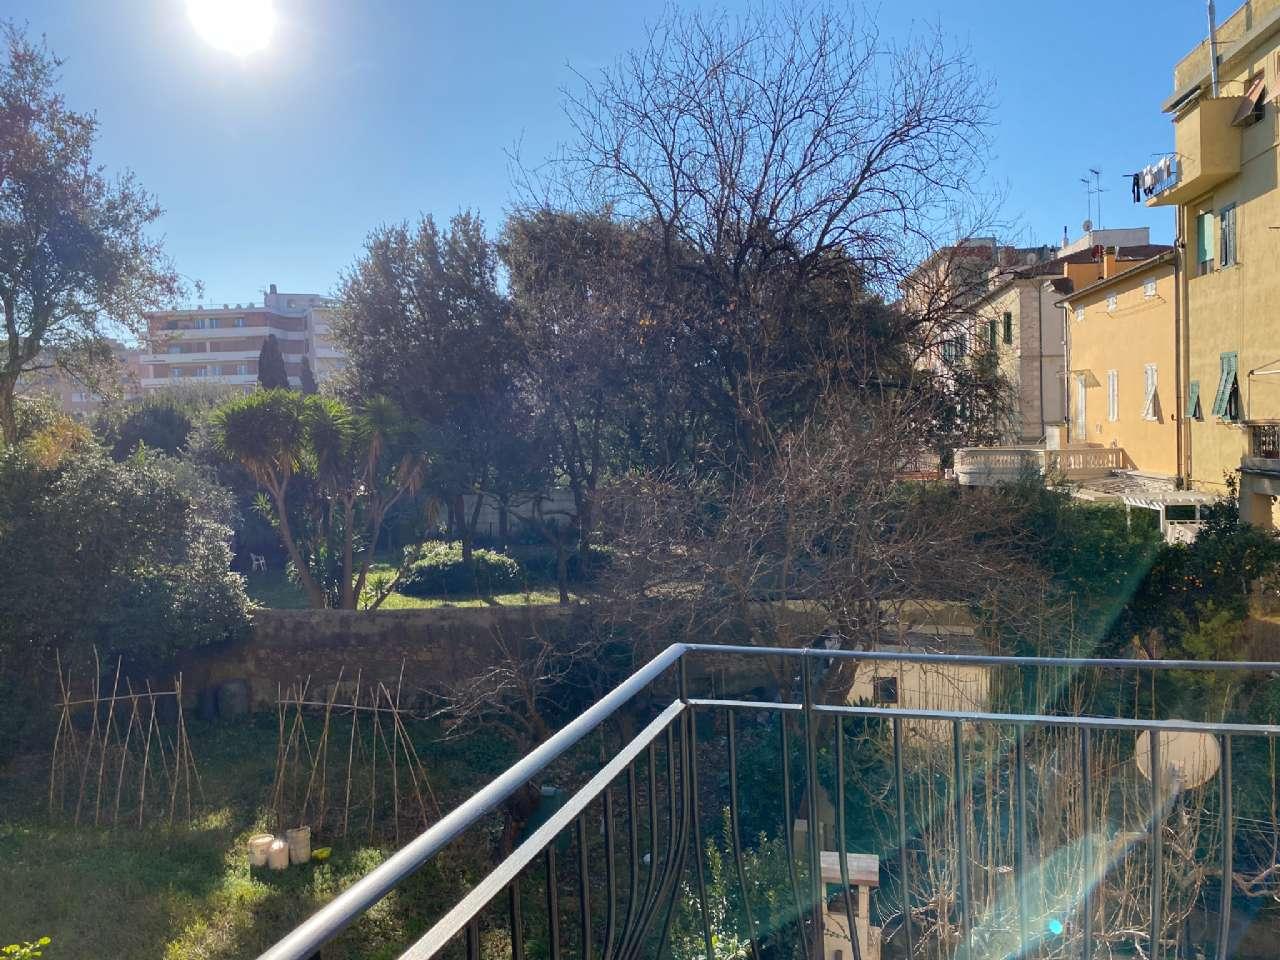 Quadrilocale, Viale Italia, Terrazza Mascagni, Livorno, foto 16